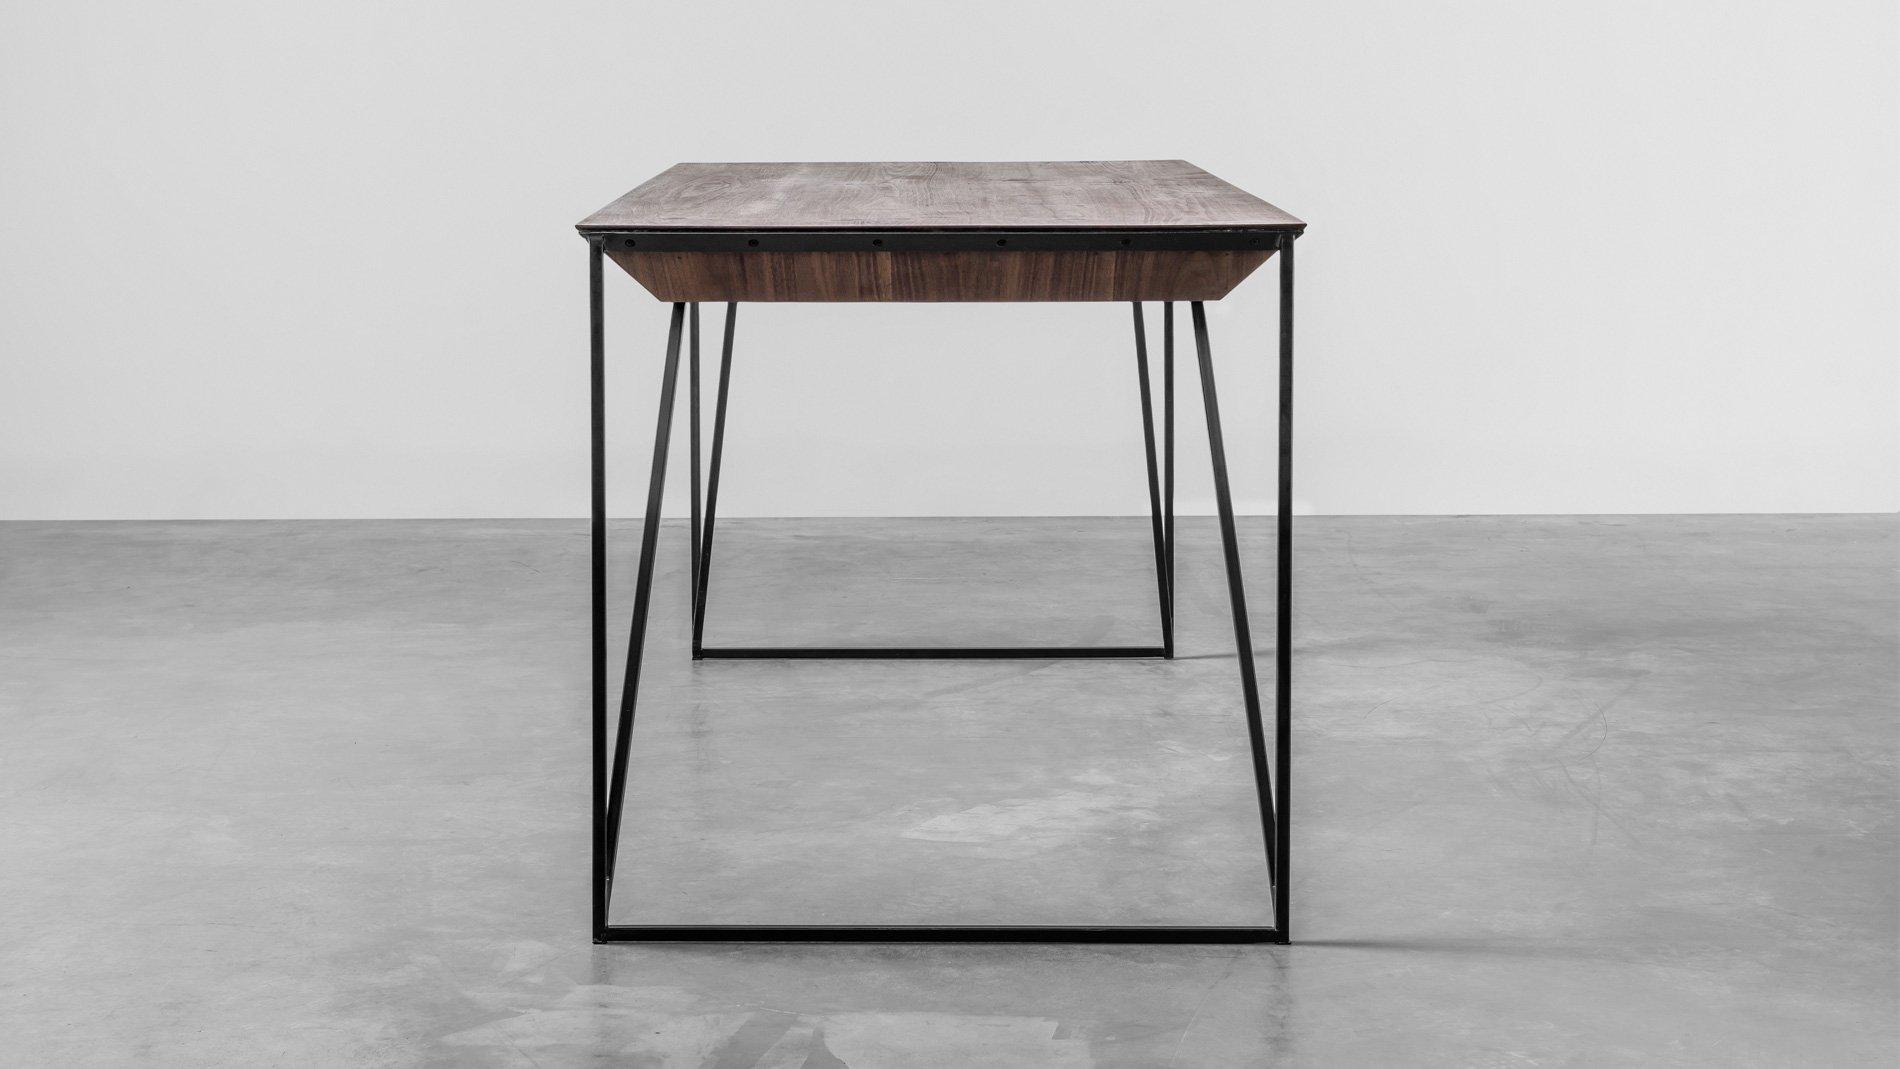 Designerski stół z orzecha amerykańskiego. Stół Francis od Hoom